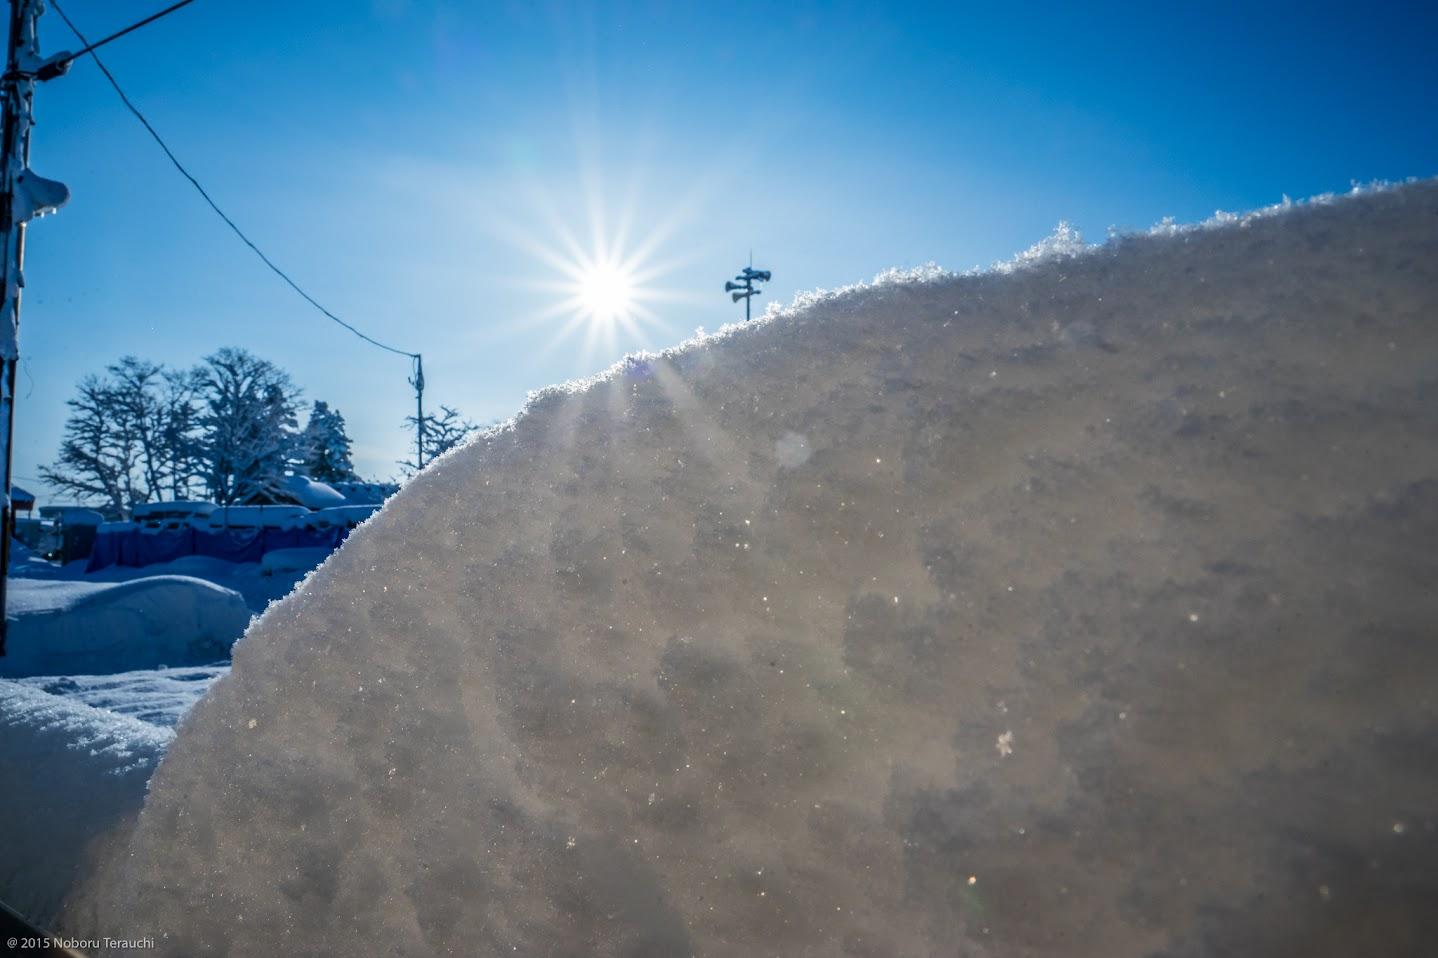 雪に浸透していく太陽の光